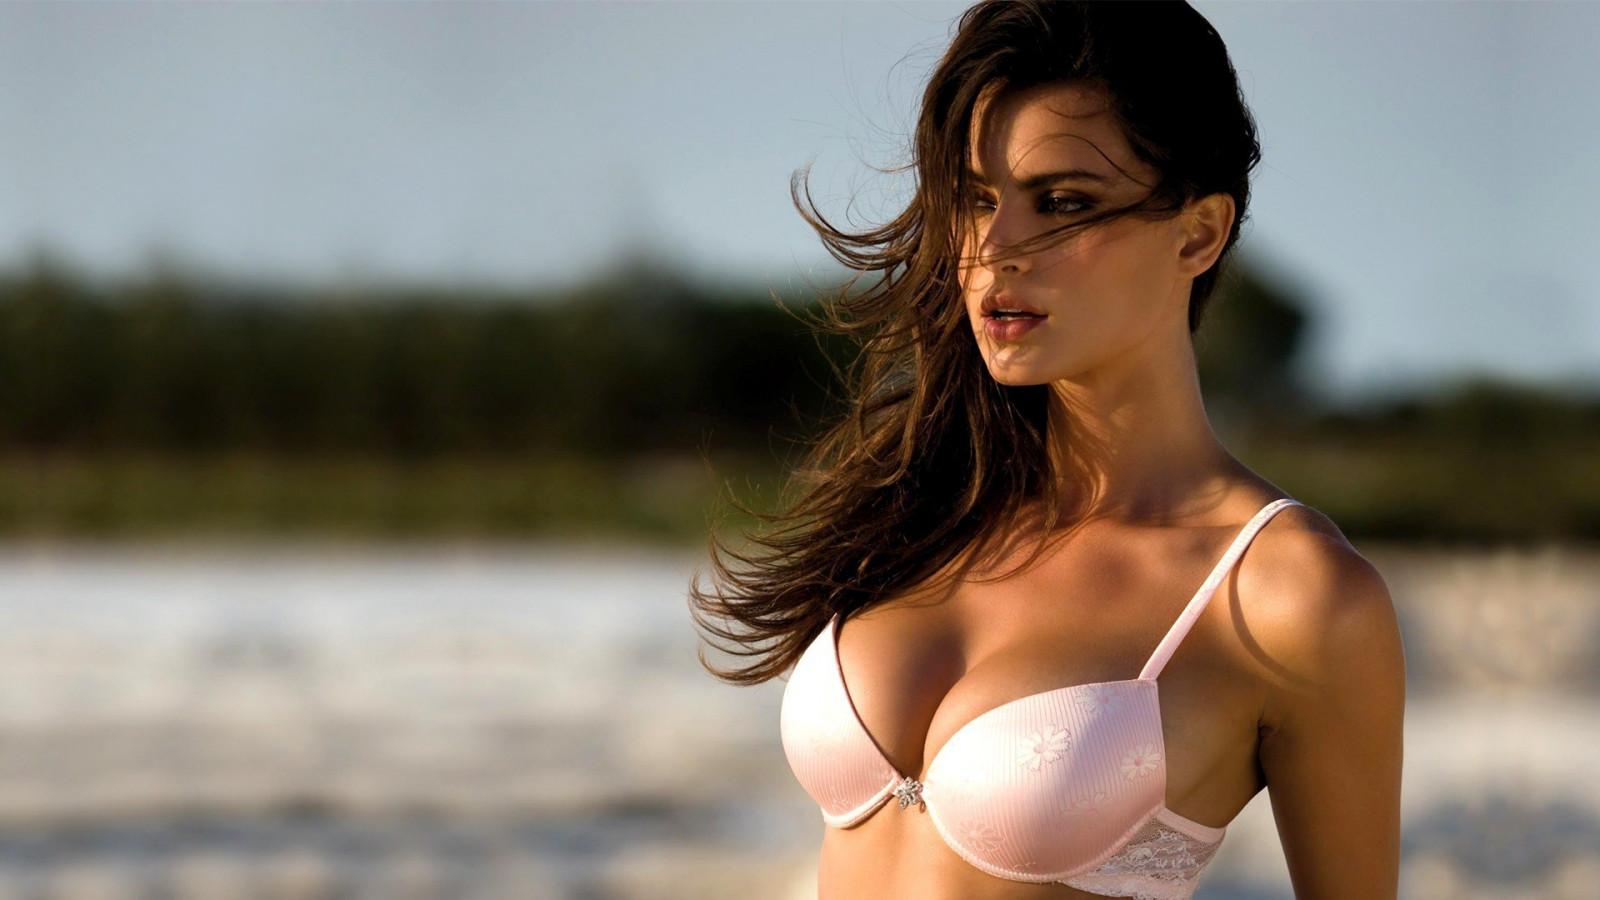 Самая красивая большие груди в мире фото ролик